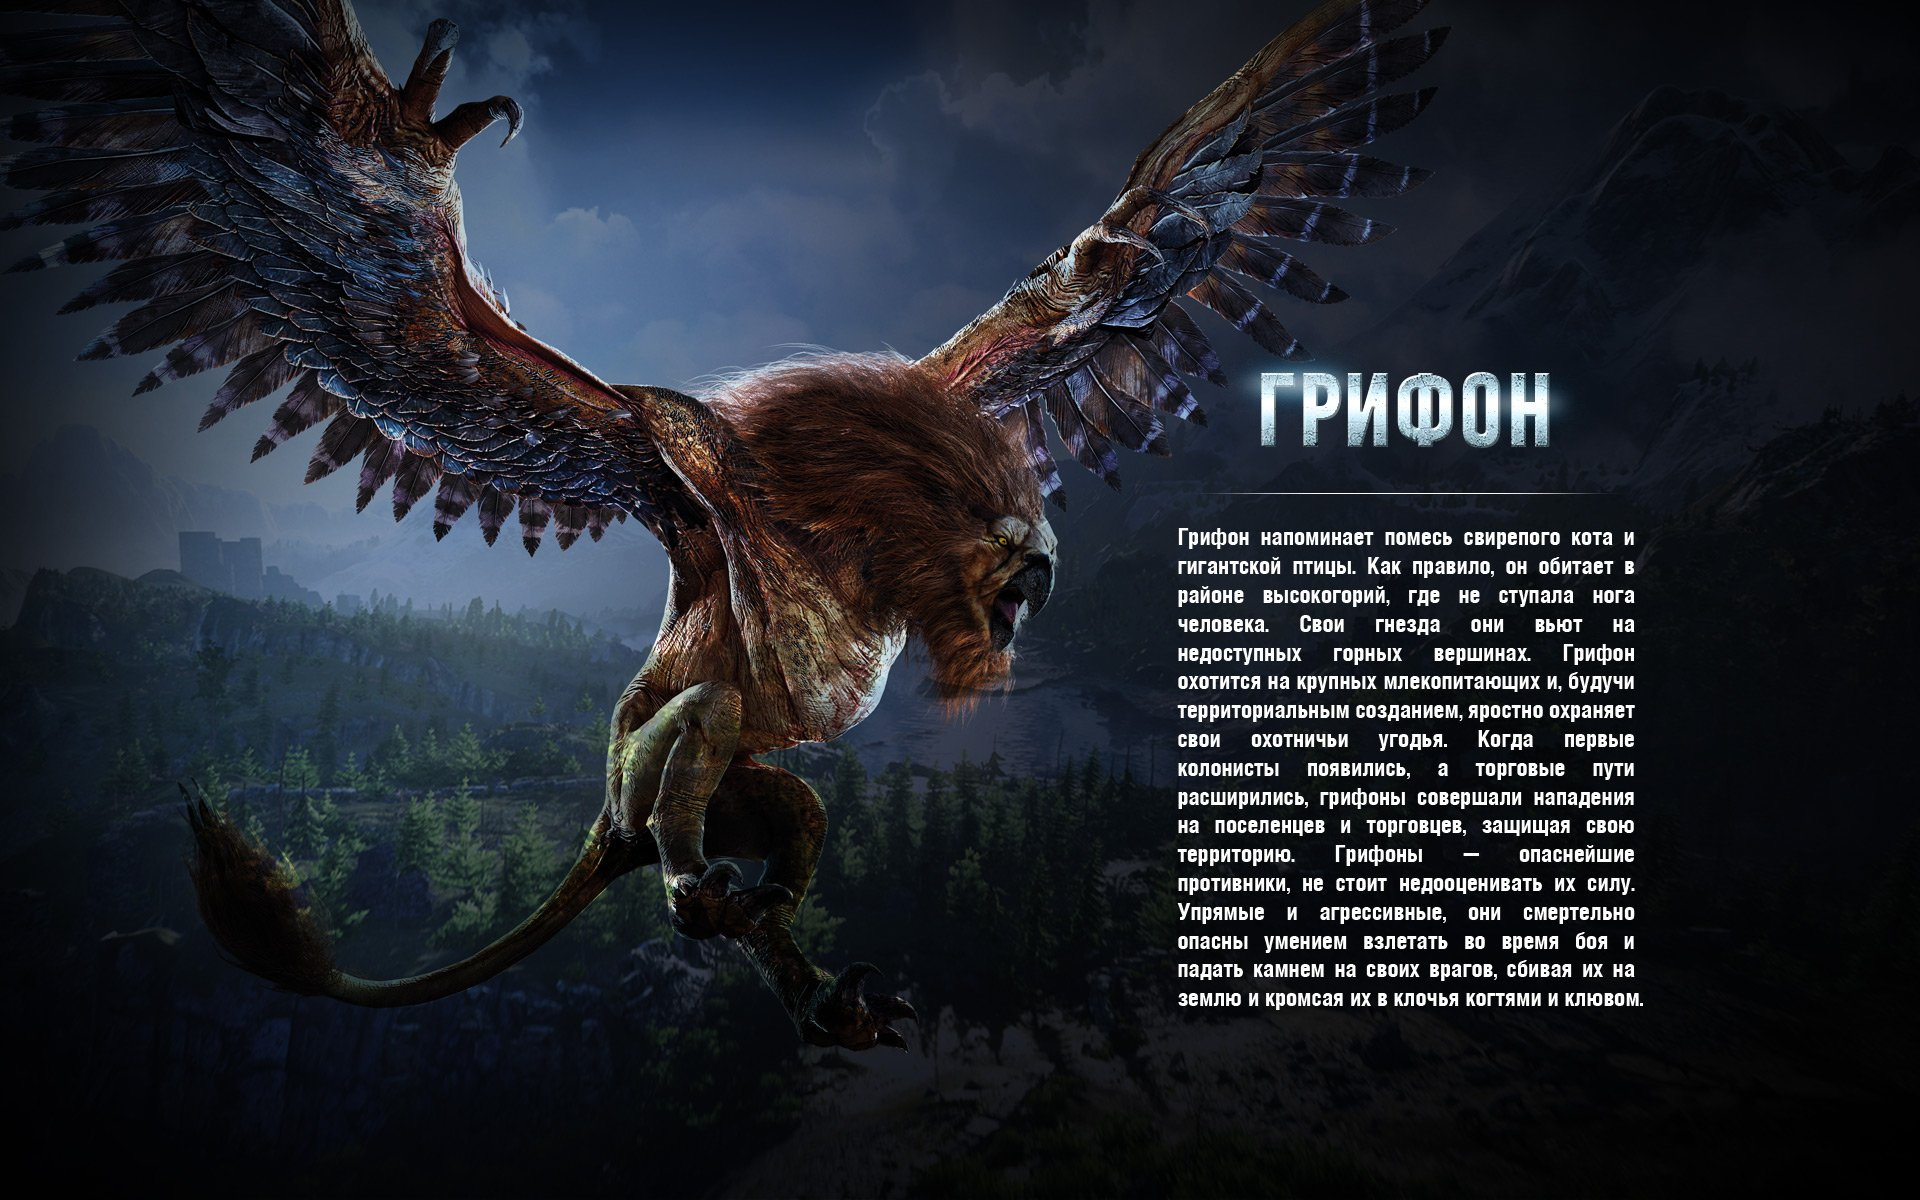 Бестиарий №2    CD Projekt RED продолжают рассказывать нам о монстрах из Ведьмака 3.     №1    #RВедьмак #CDProjektR ... - Изображение 1